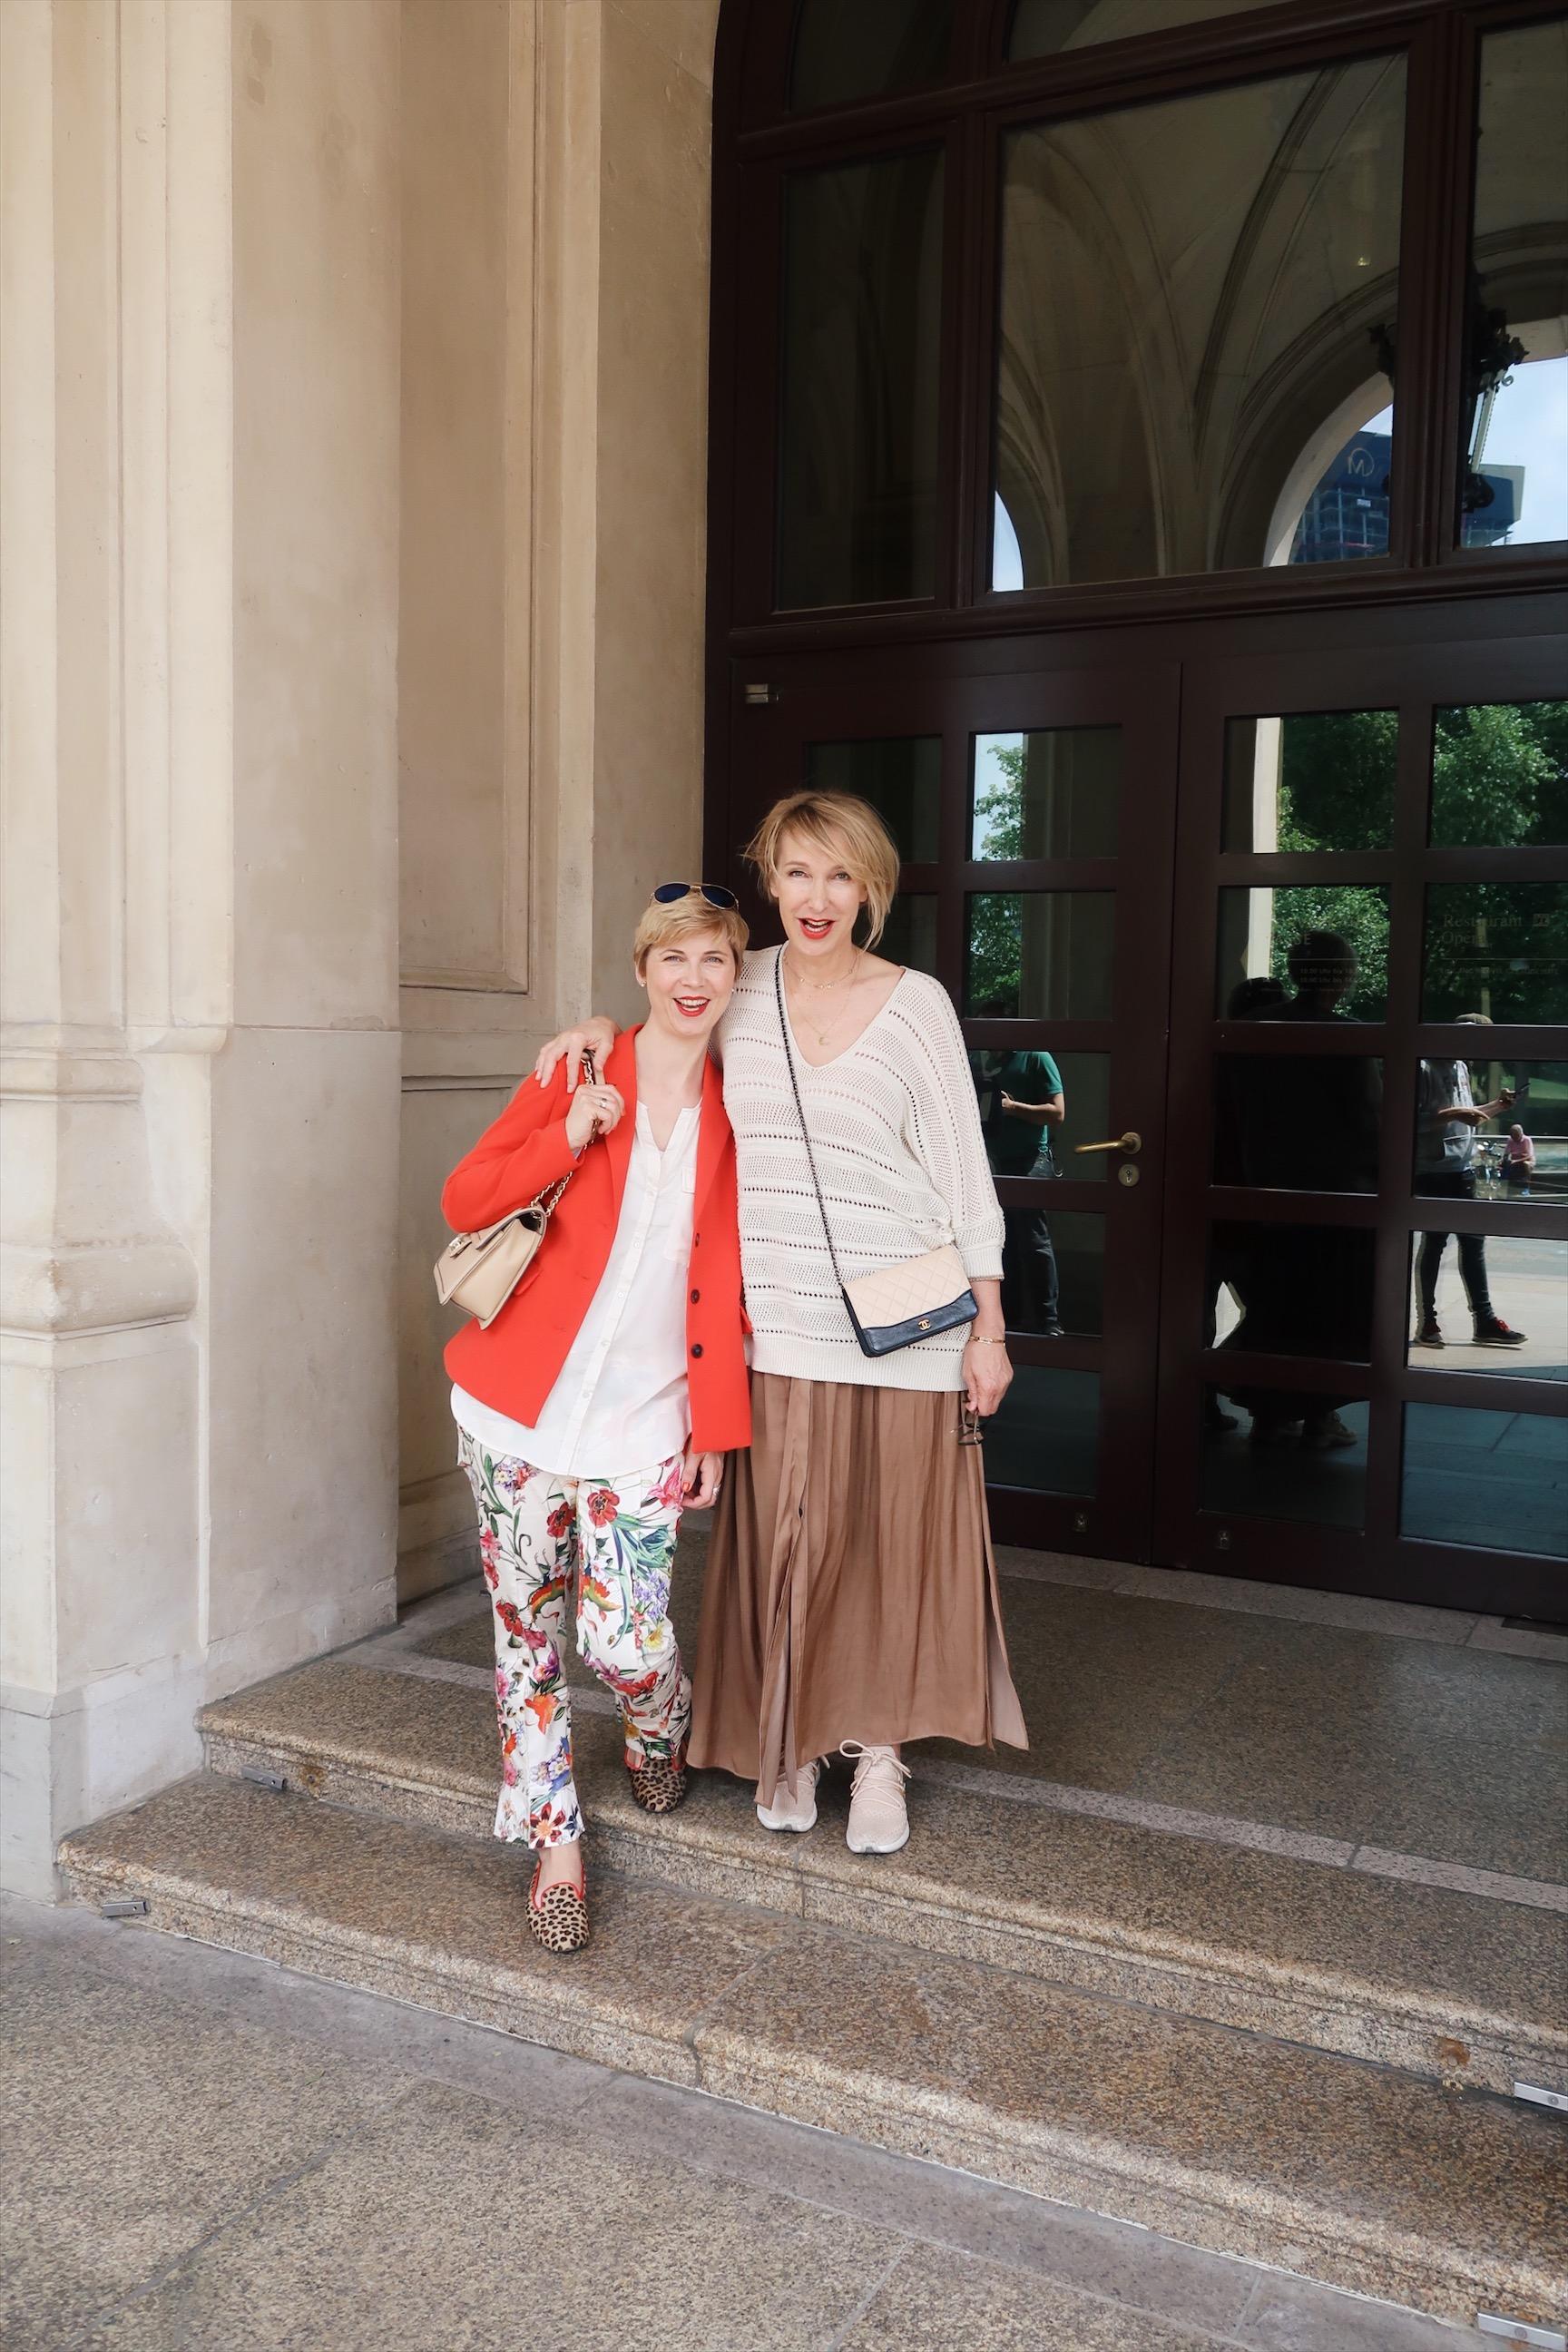 glamupyourlifestyle sommerröcke röcke luftige-Kleidung sommerkleider nackte-Beine u40-Mode ü50-blog ue-40-blog